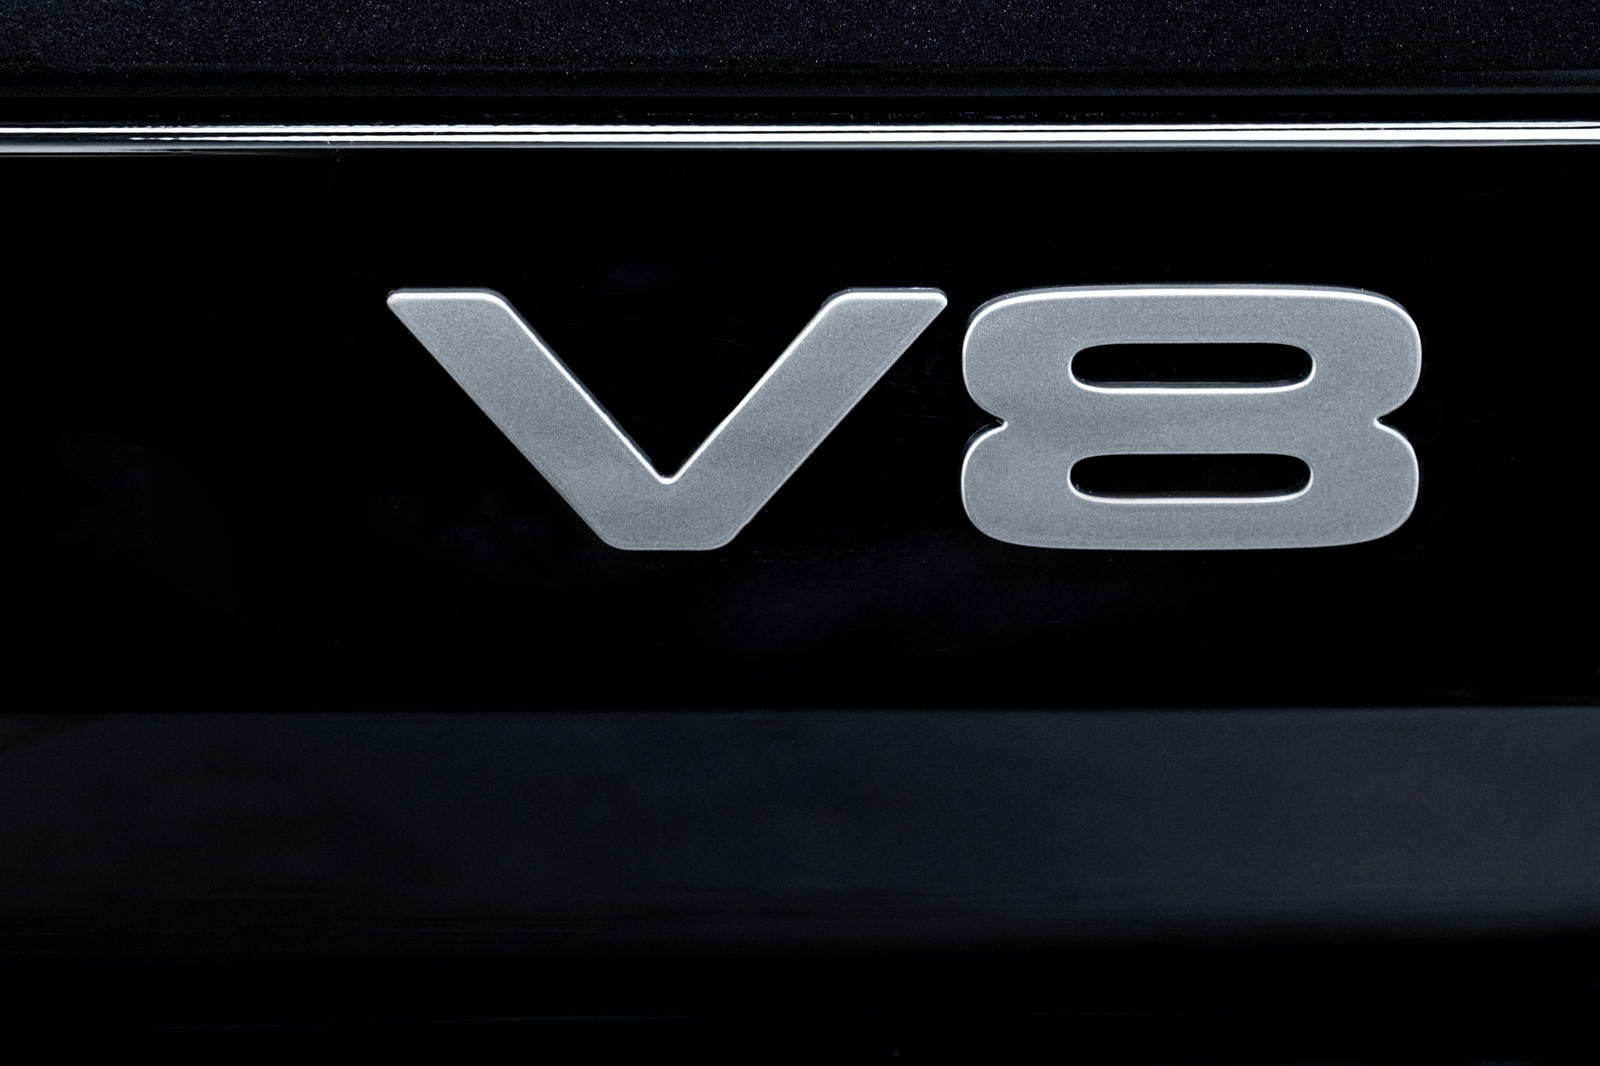 Нынешний Land Rover Defender - это успешное возвращение паспортной таблички на территорию Северной Америки. В этом году ассортимент стал еще сильнее благодаря нескольким обновлениям, включая появление долгожданного Defender V8. Благодаря 518 лошадины